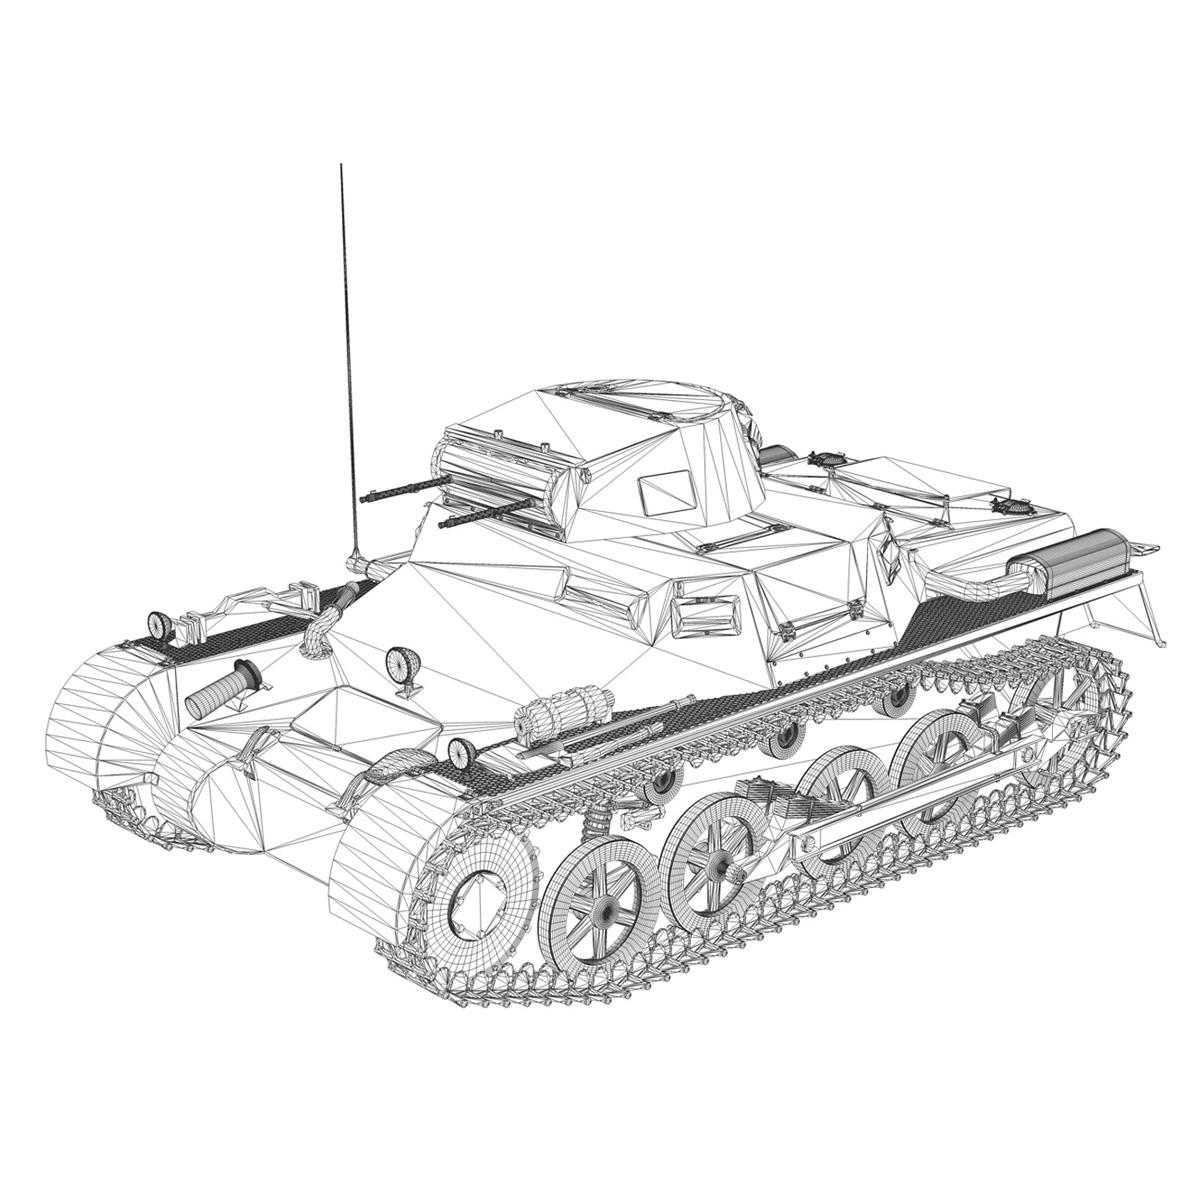 pzkpfw 1 - panzer 1 - ausf. a - Model 224 3d 3ds fbx c4d lwo obj 195081